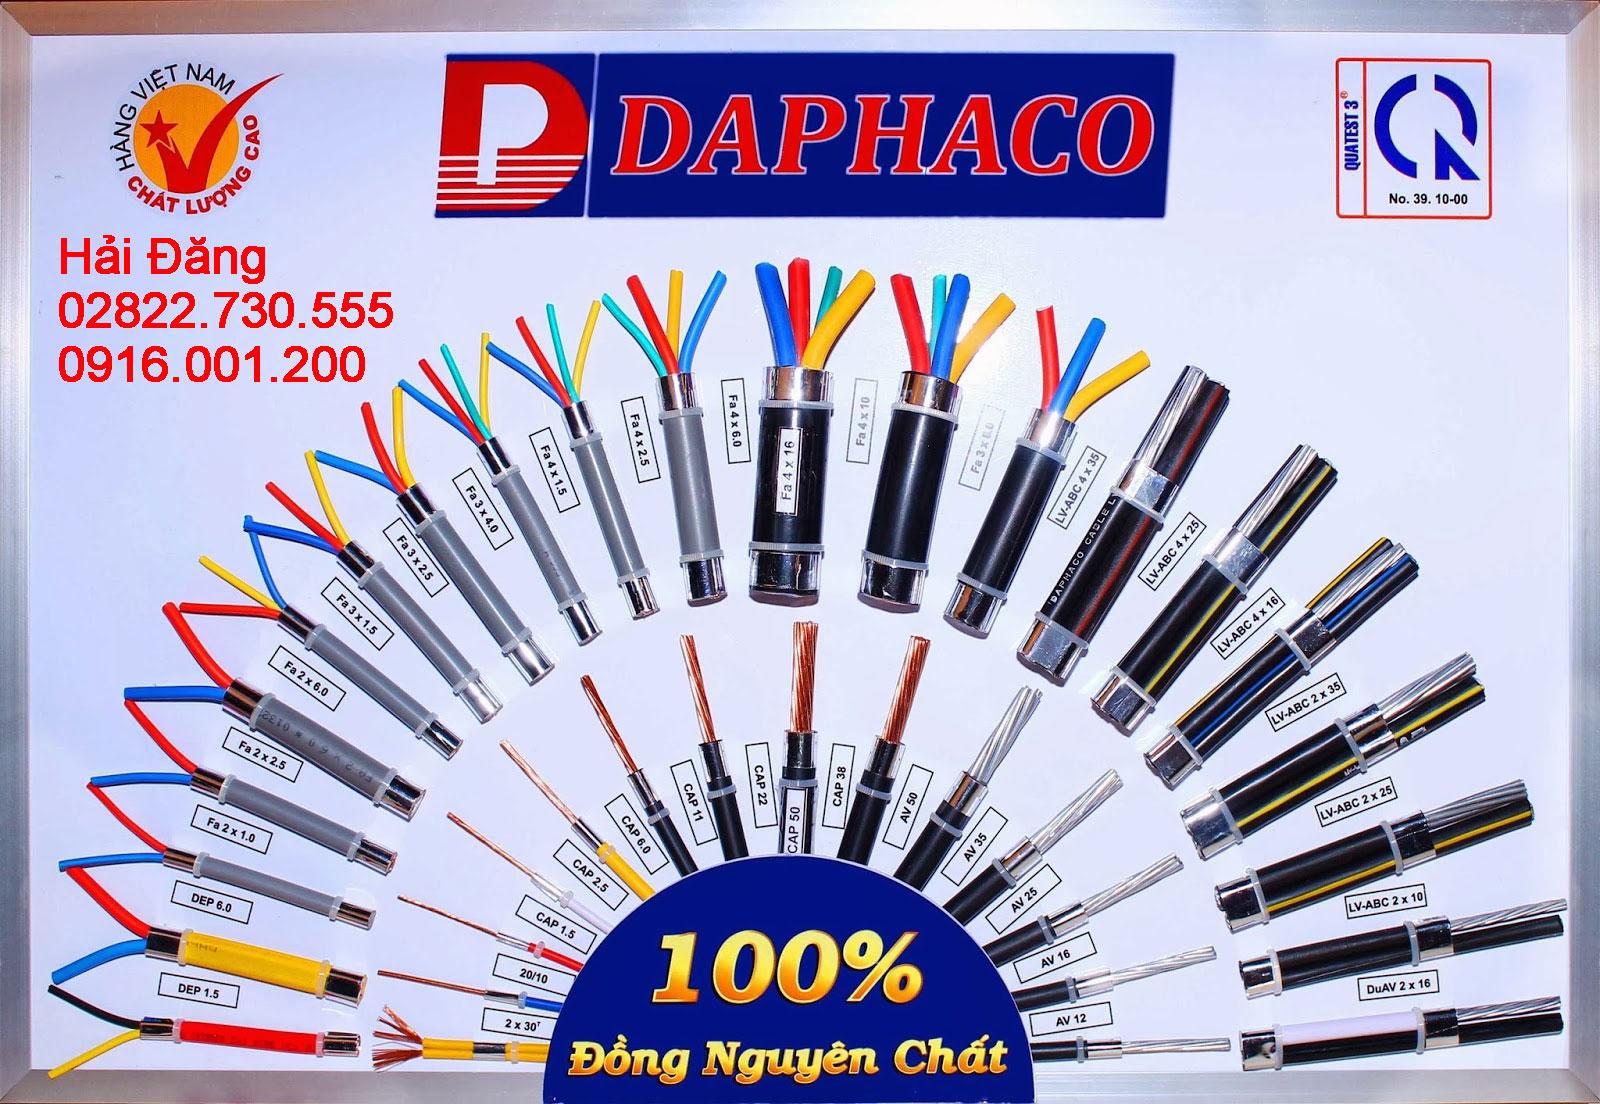 daphaco 1